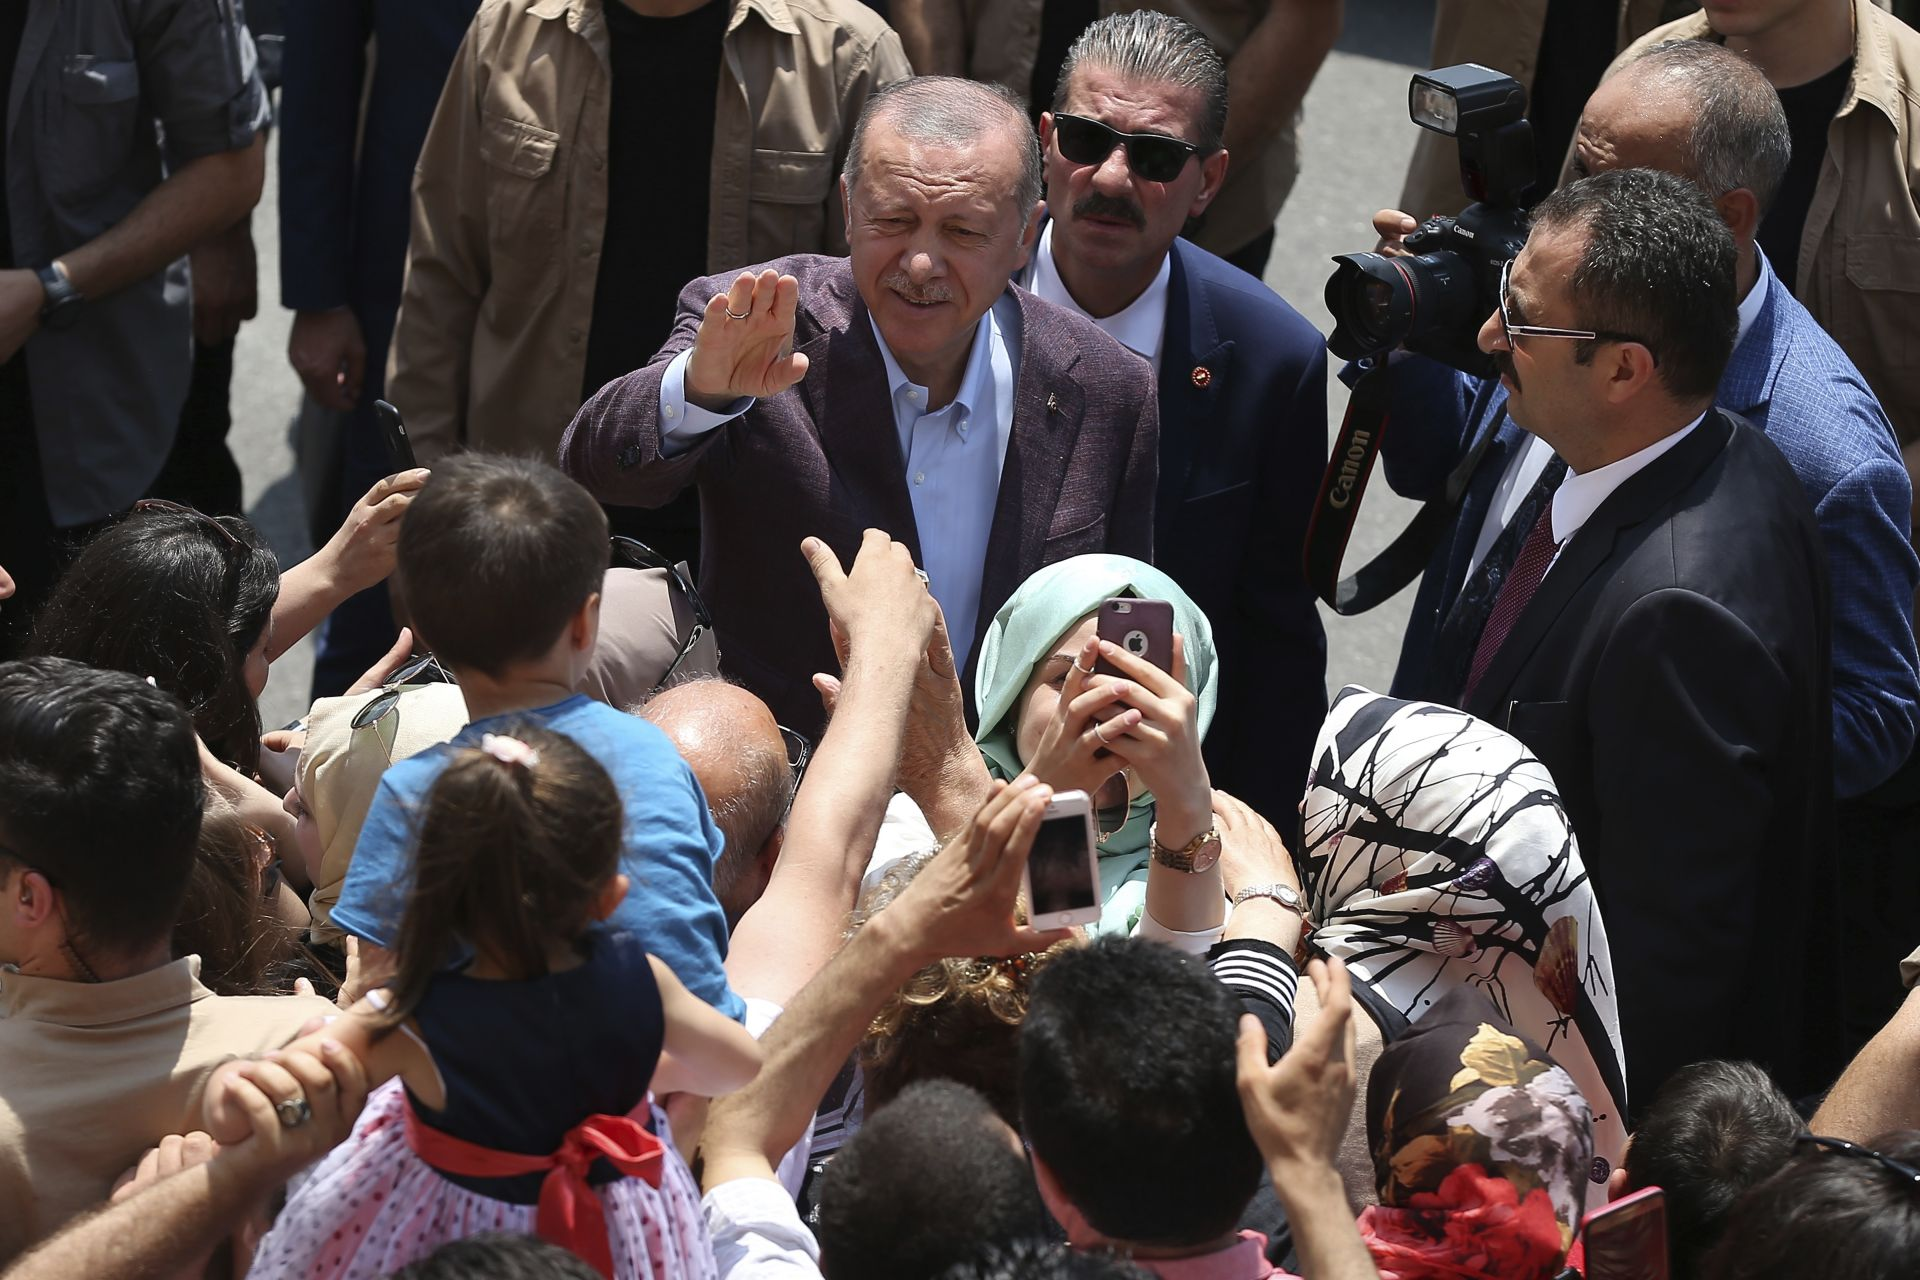 Президентът беше посрещнат от свои привърженици пред изборната секция